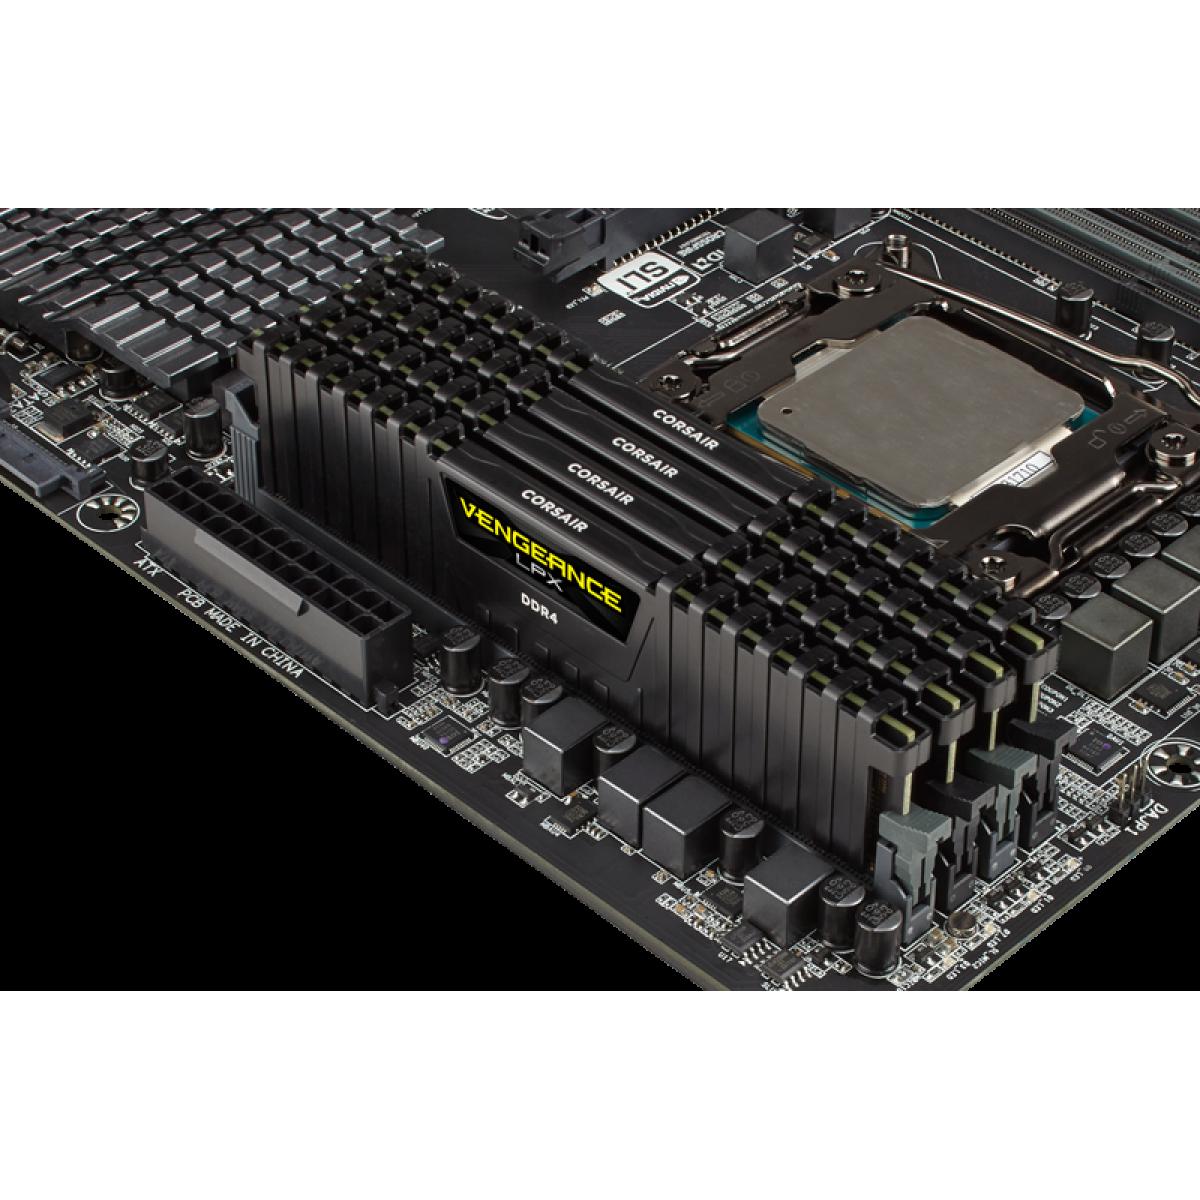 Memória DDR4 Corsair Vengeance LPX, 16GB 2400MHz, CMK16GX4M1A2400C14